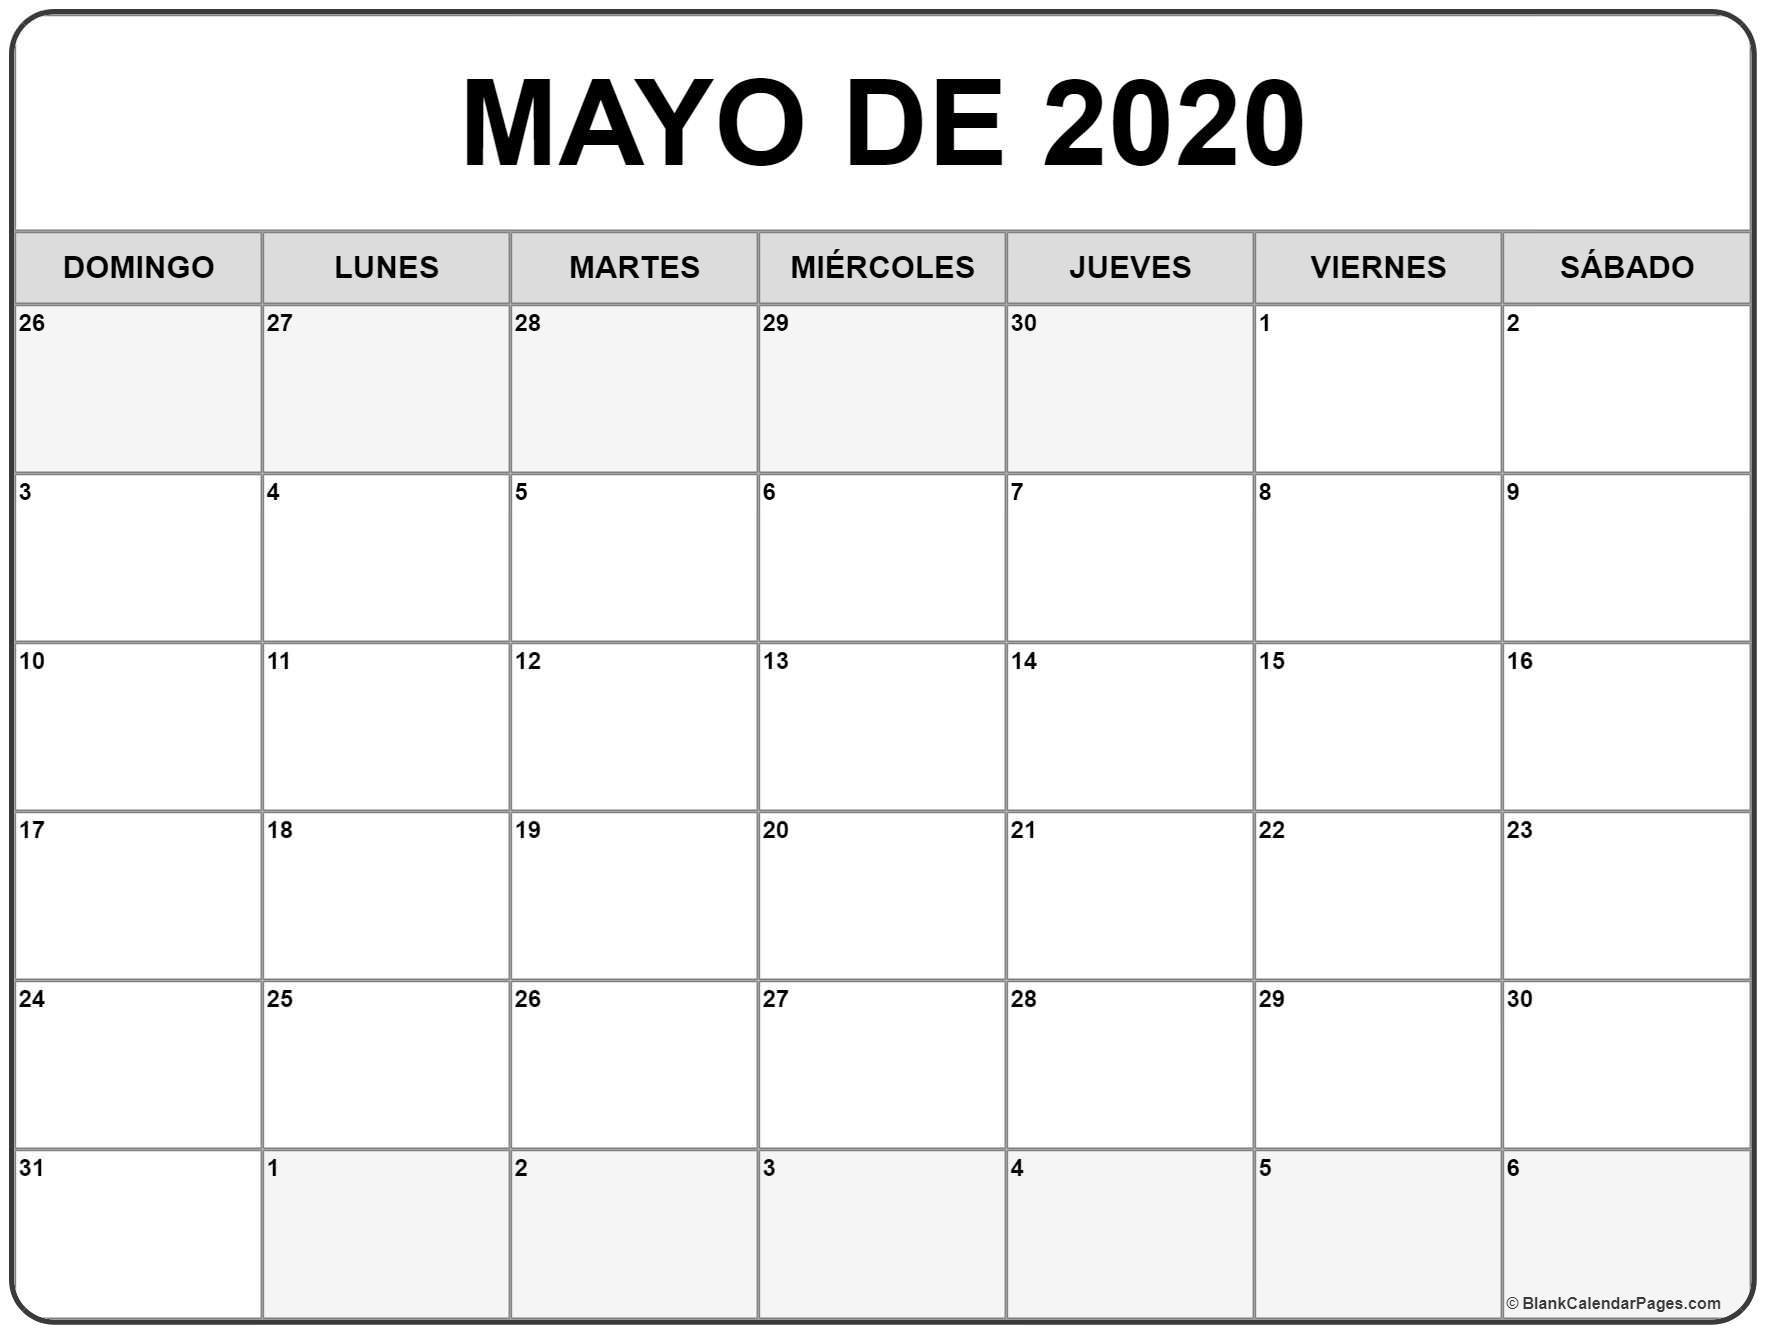 calendarios para imprimir 2017 por meses inspirational mayo de 2020 calendario gratis calendario de of calendarios para imprimir 2017 por meses